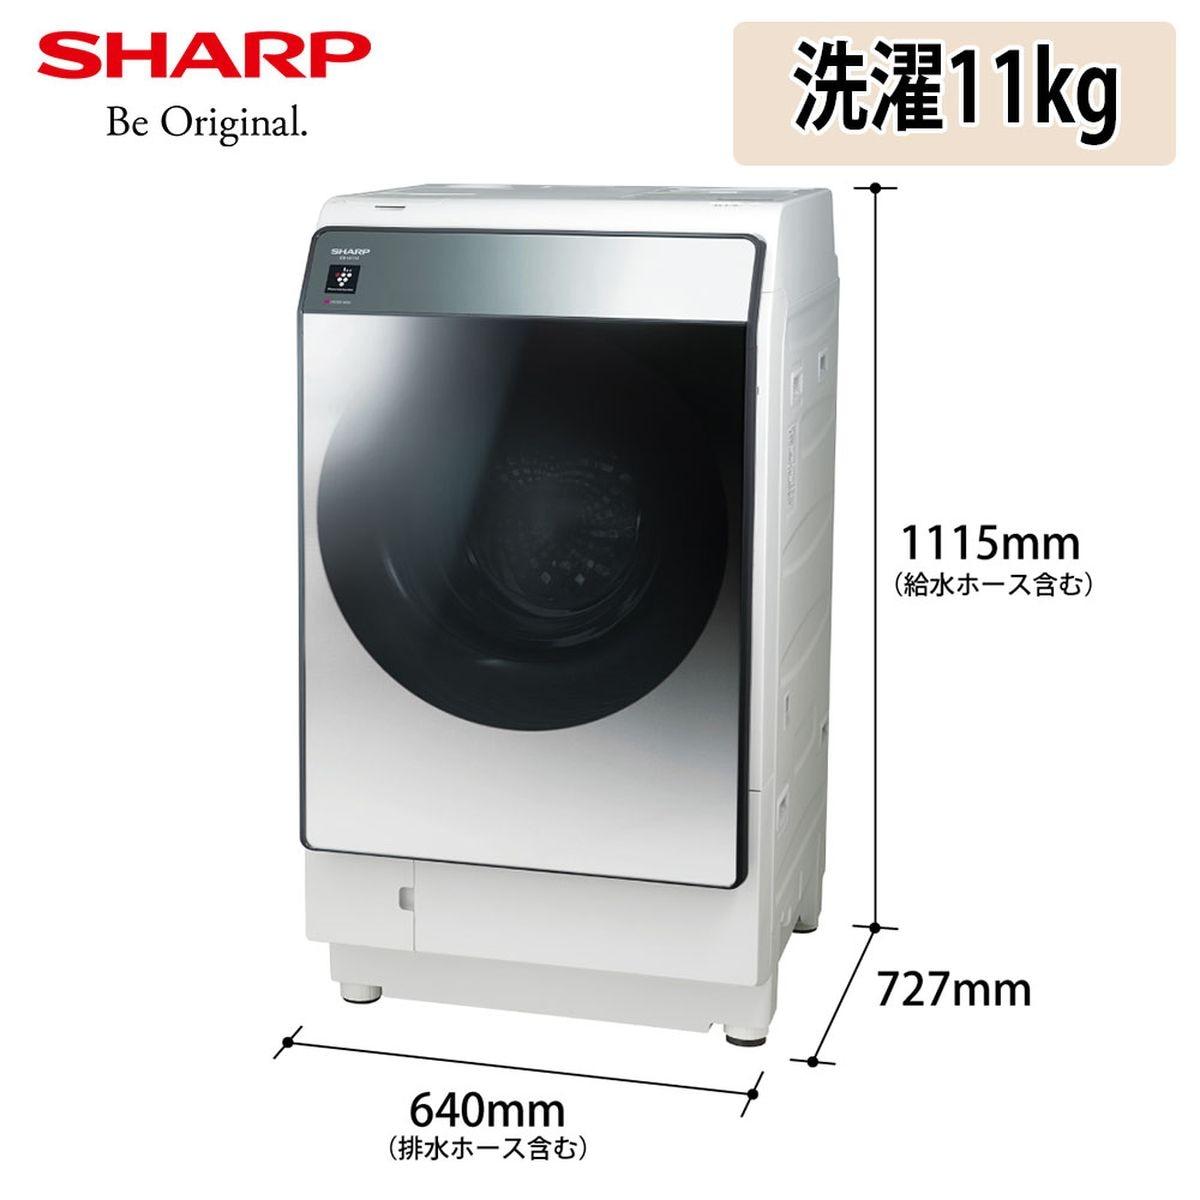 SHARP ドラム式洗濯乾燥機(洗濯11kg)シルバー系・右開き【大型商品(設置工事可)】 ES-W114-SR